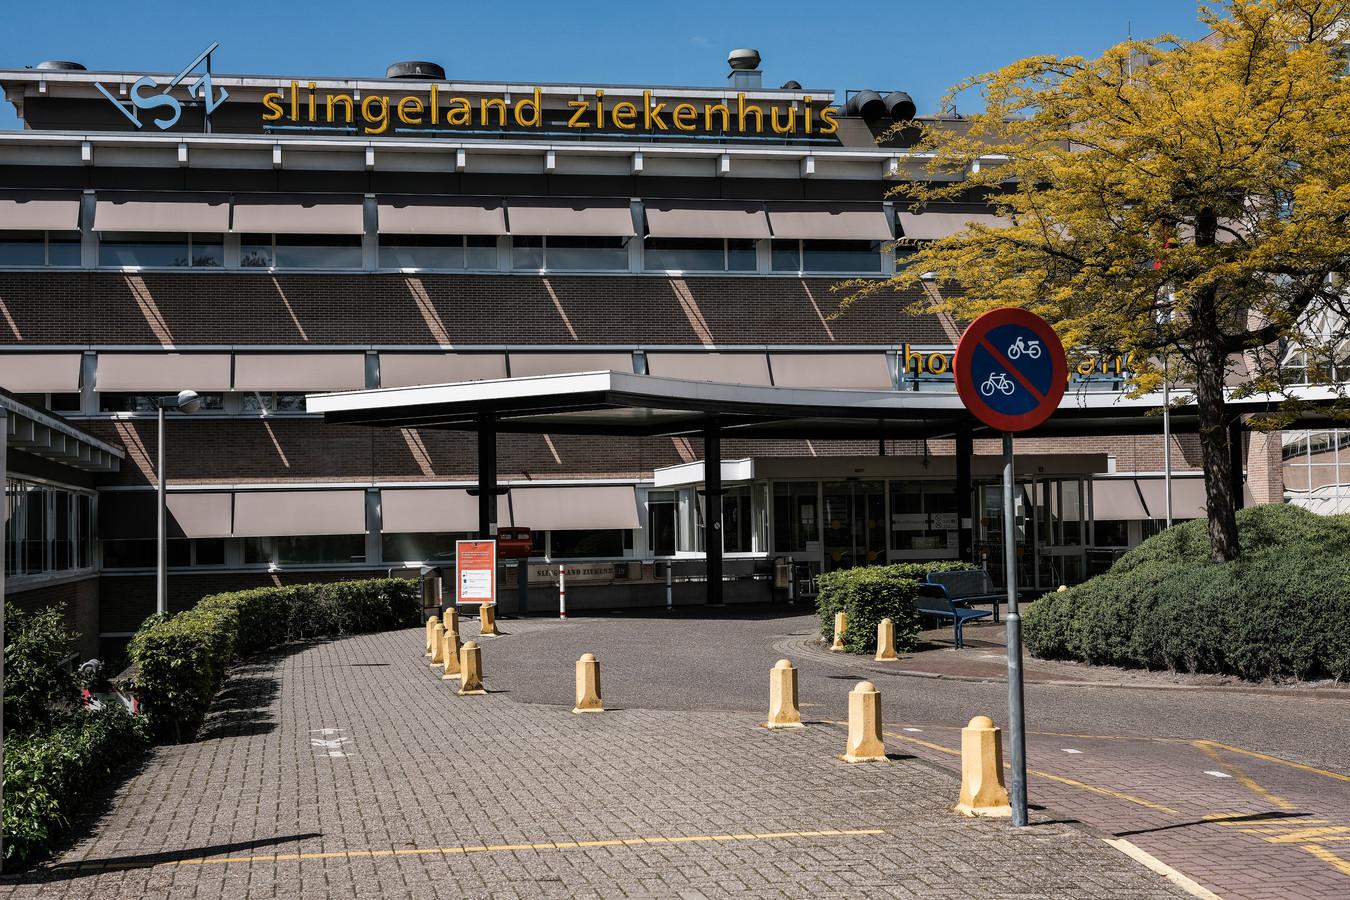 Het Slingeland Ziekenhuis in Doetinchem. Foto: Jan Ruland van den Brink